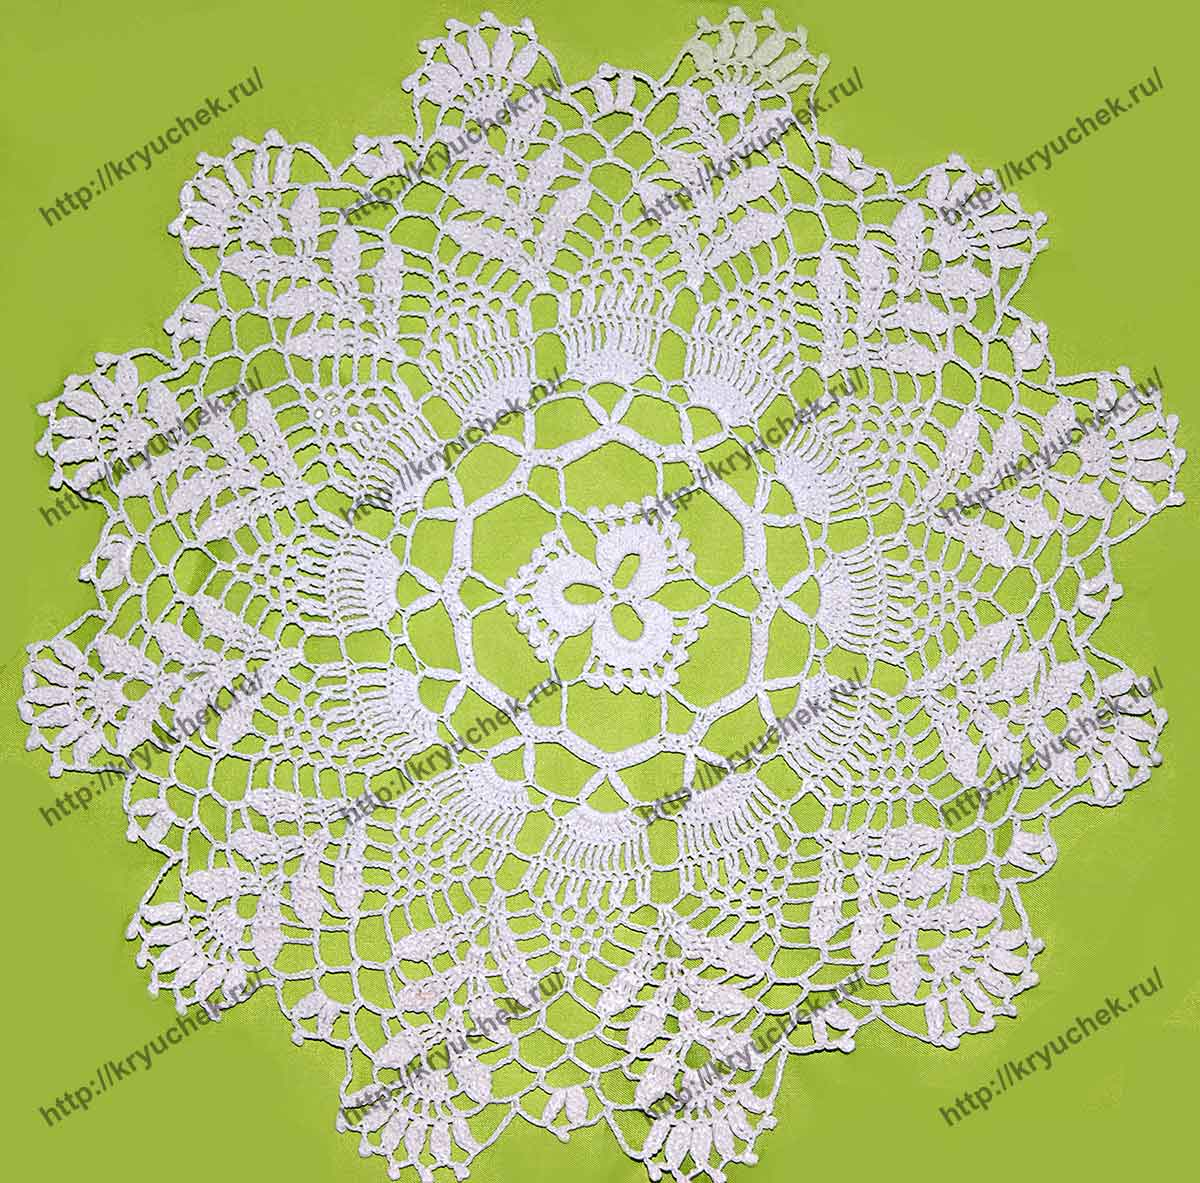 Пример связанной крючком салфетки с цветочными мотивами (общий план)